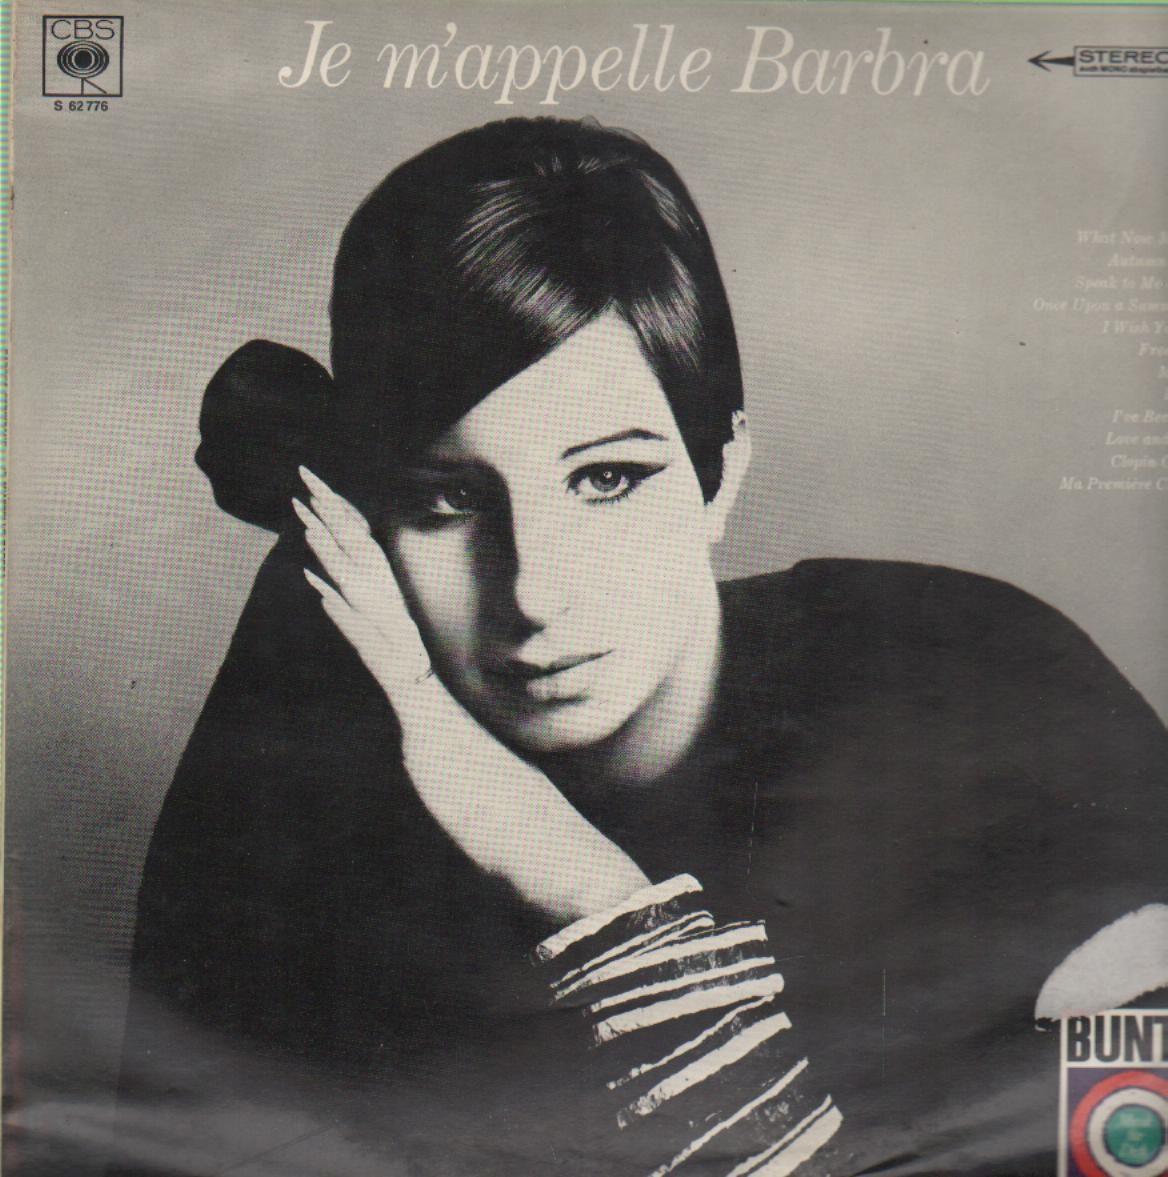 Je m'appelle Barbra 1966